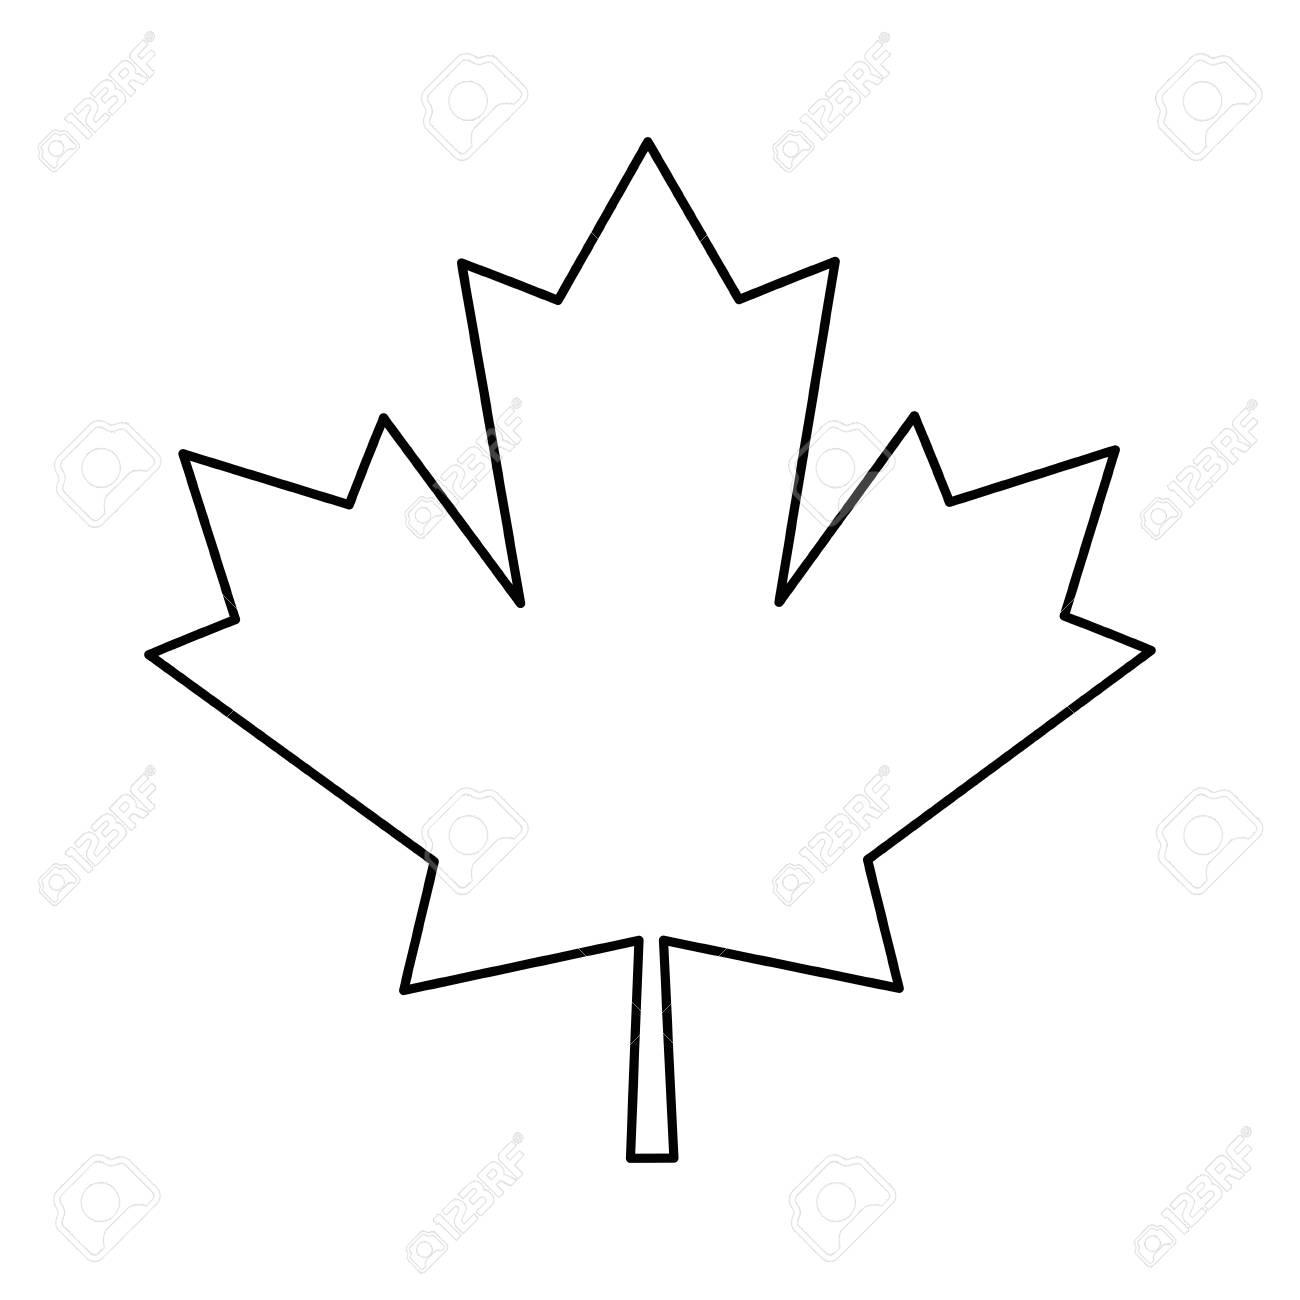 Maple Leaf Green Sign Canadian Outline Vector Illustration Eps